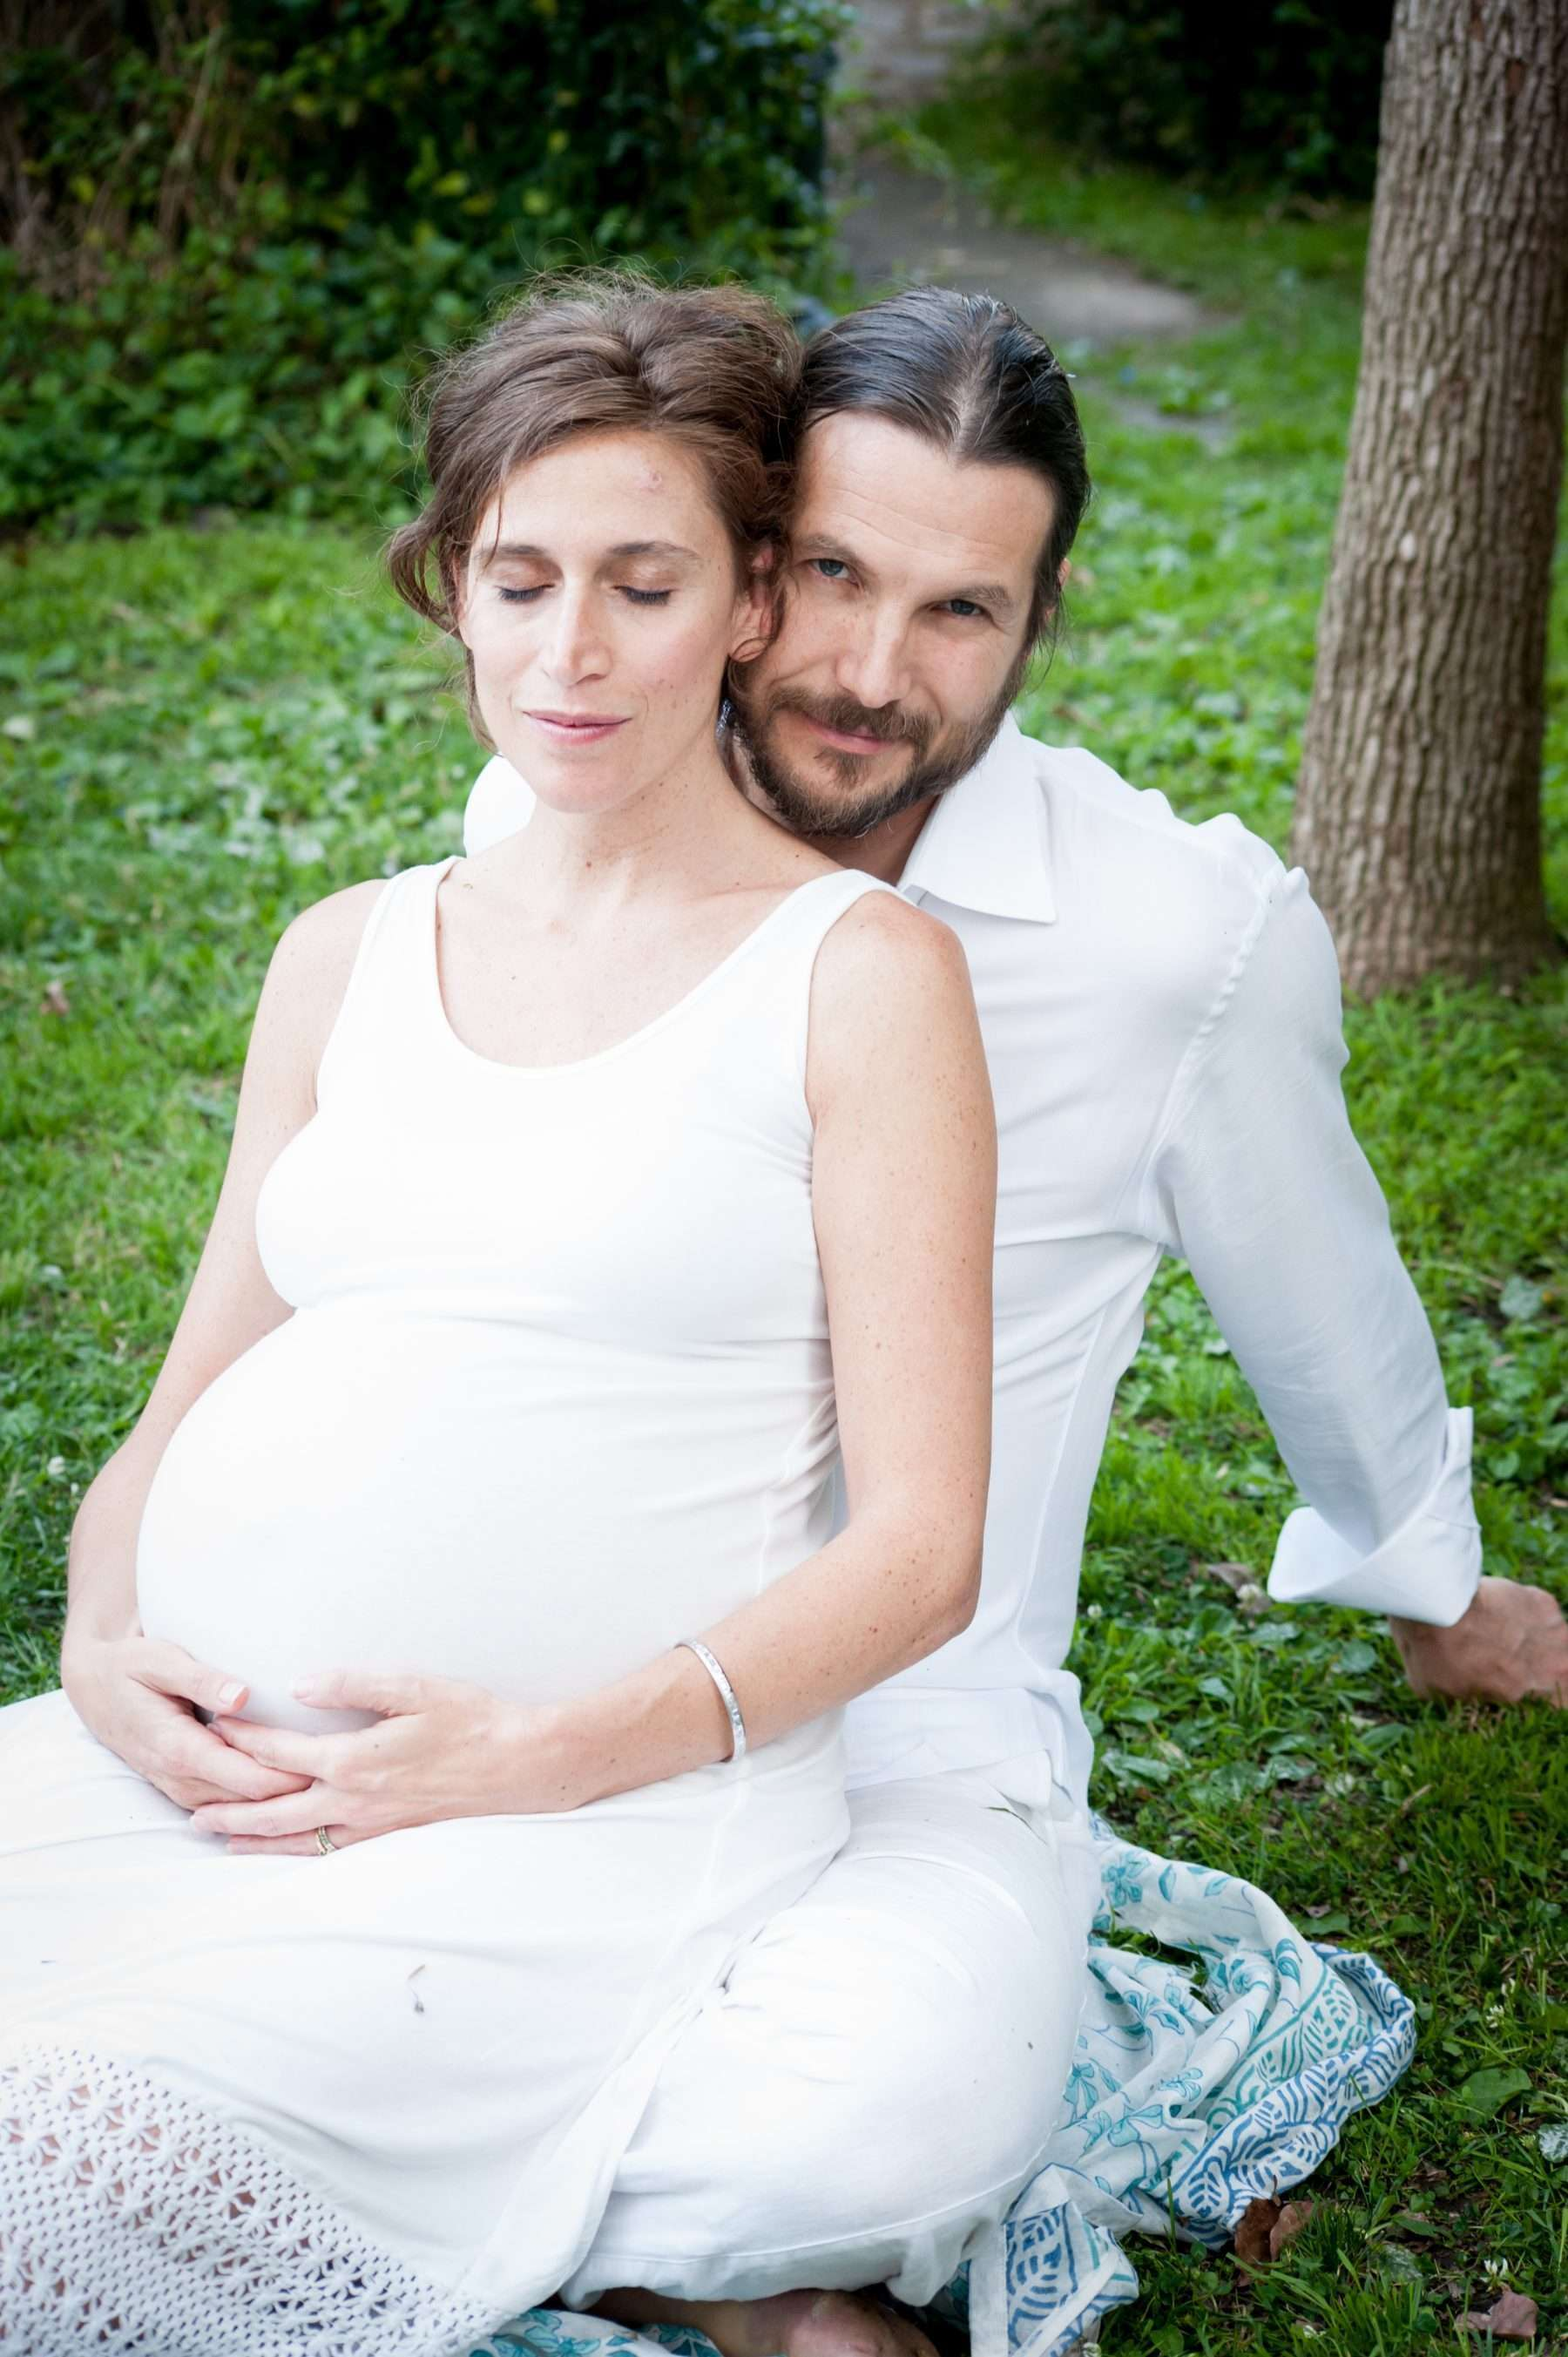 Partner Prenatal and Massage Workshop